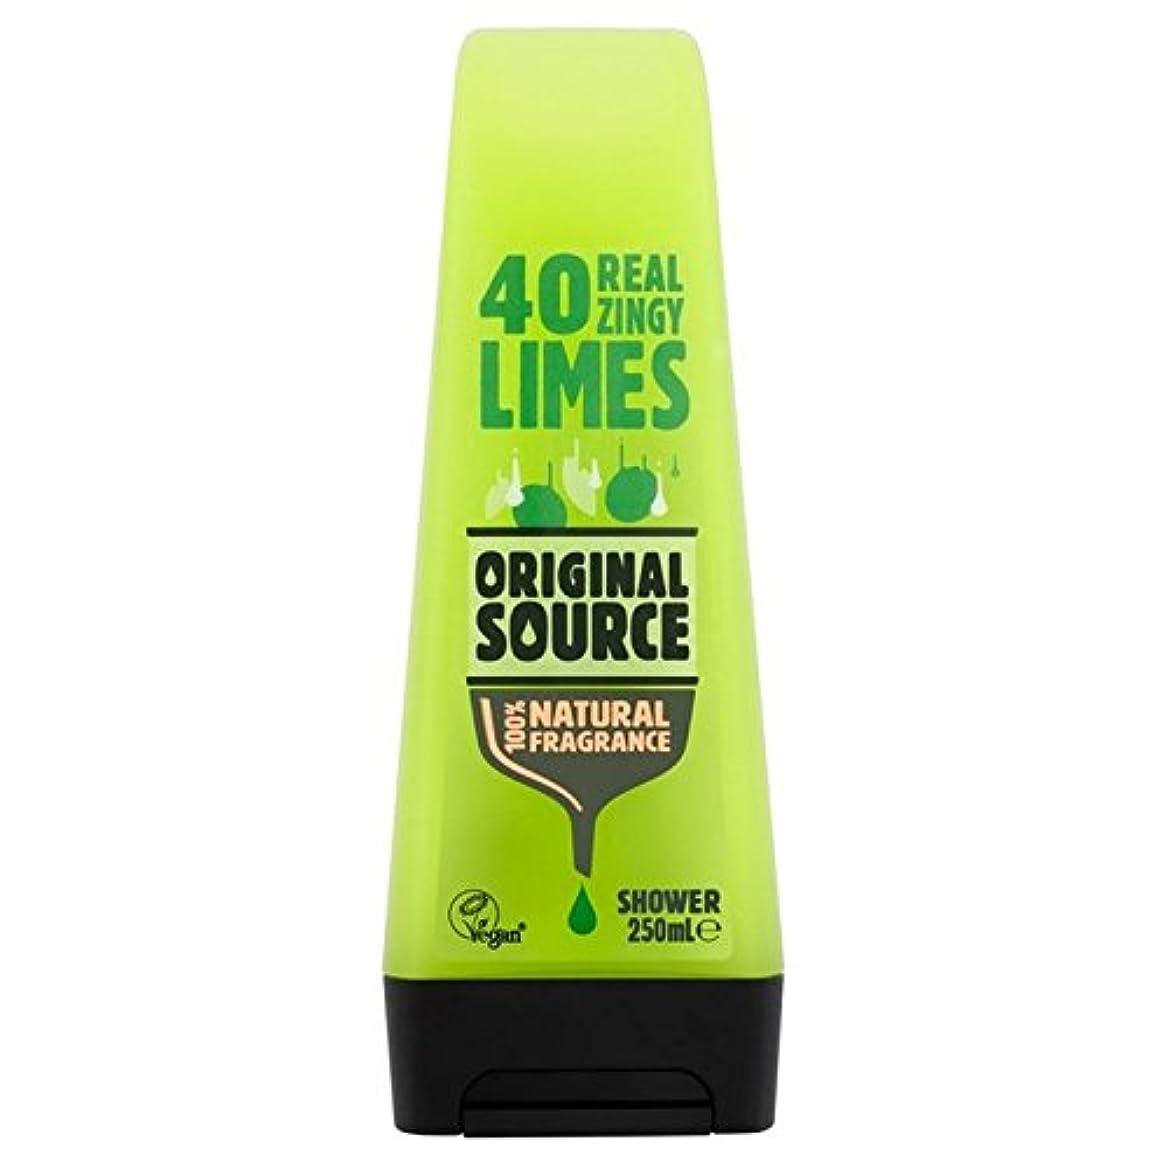 達成蛾ストレス元のソースライムシャワージェル250ミリリットル x4 - Original Source Lime Shower Gel 250ml (Pack of 4) [並行輸入品]